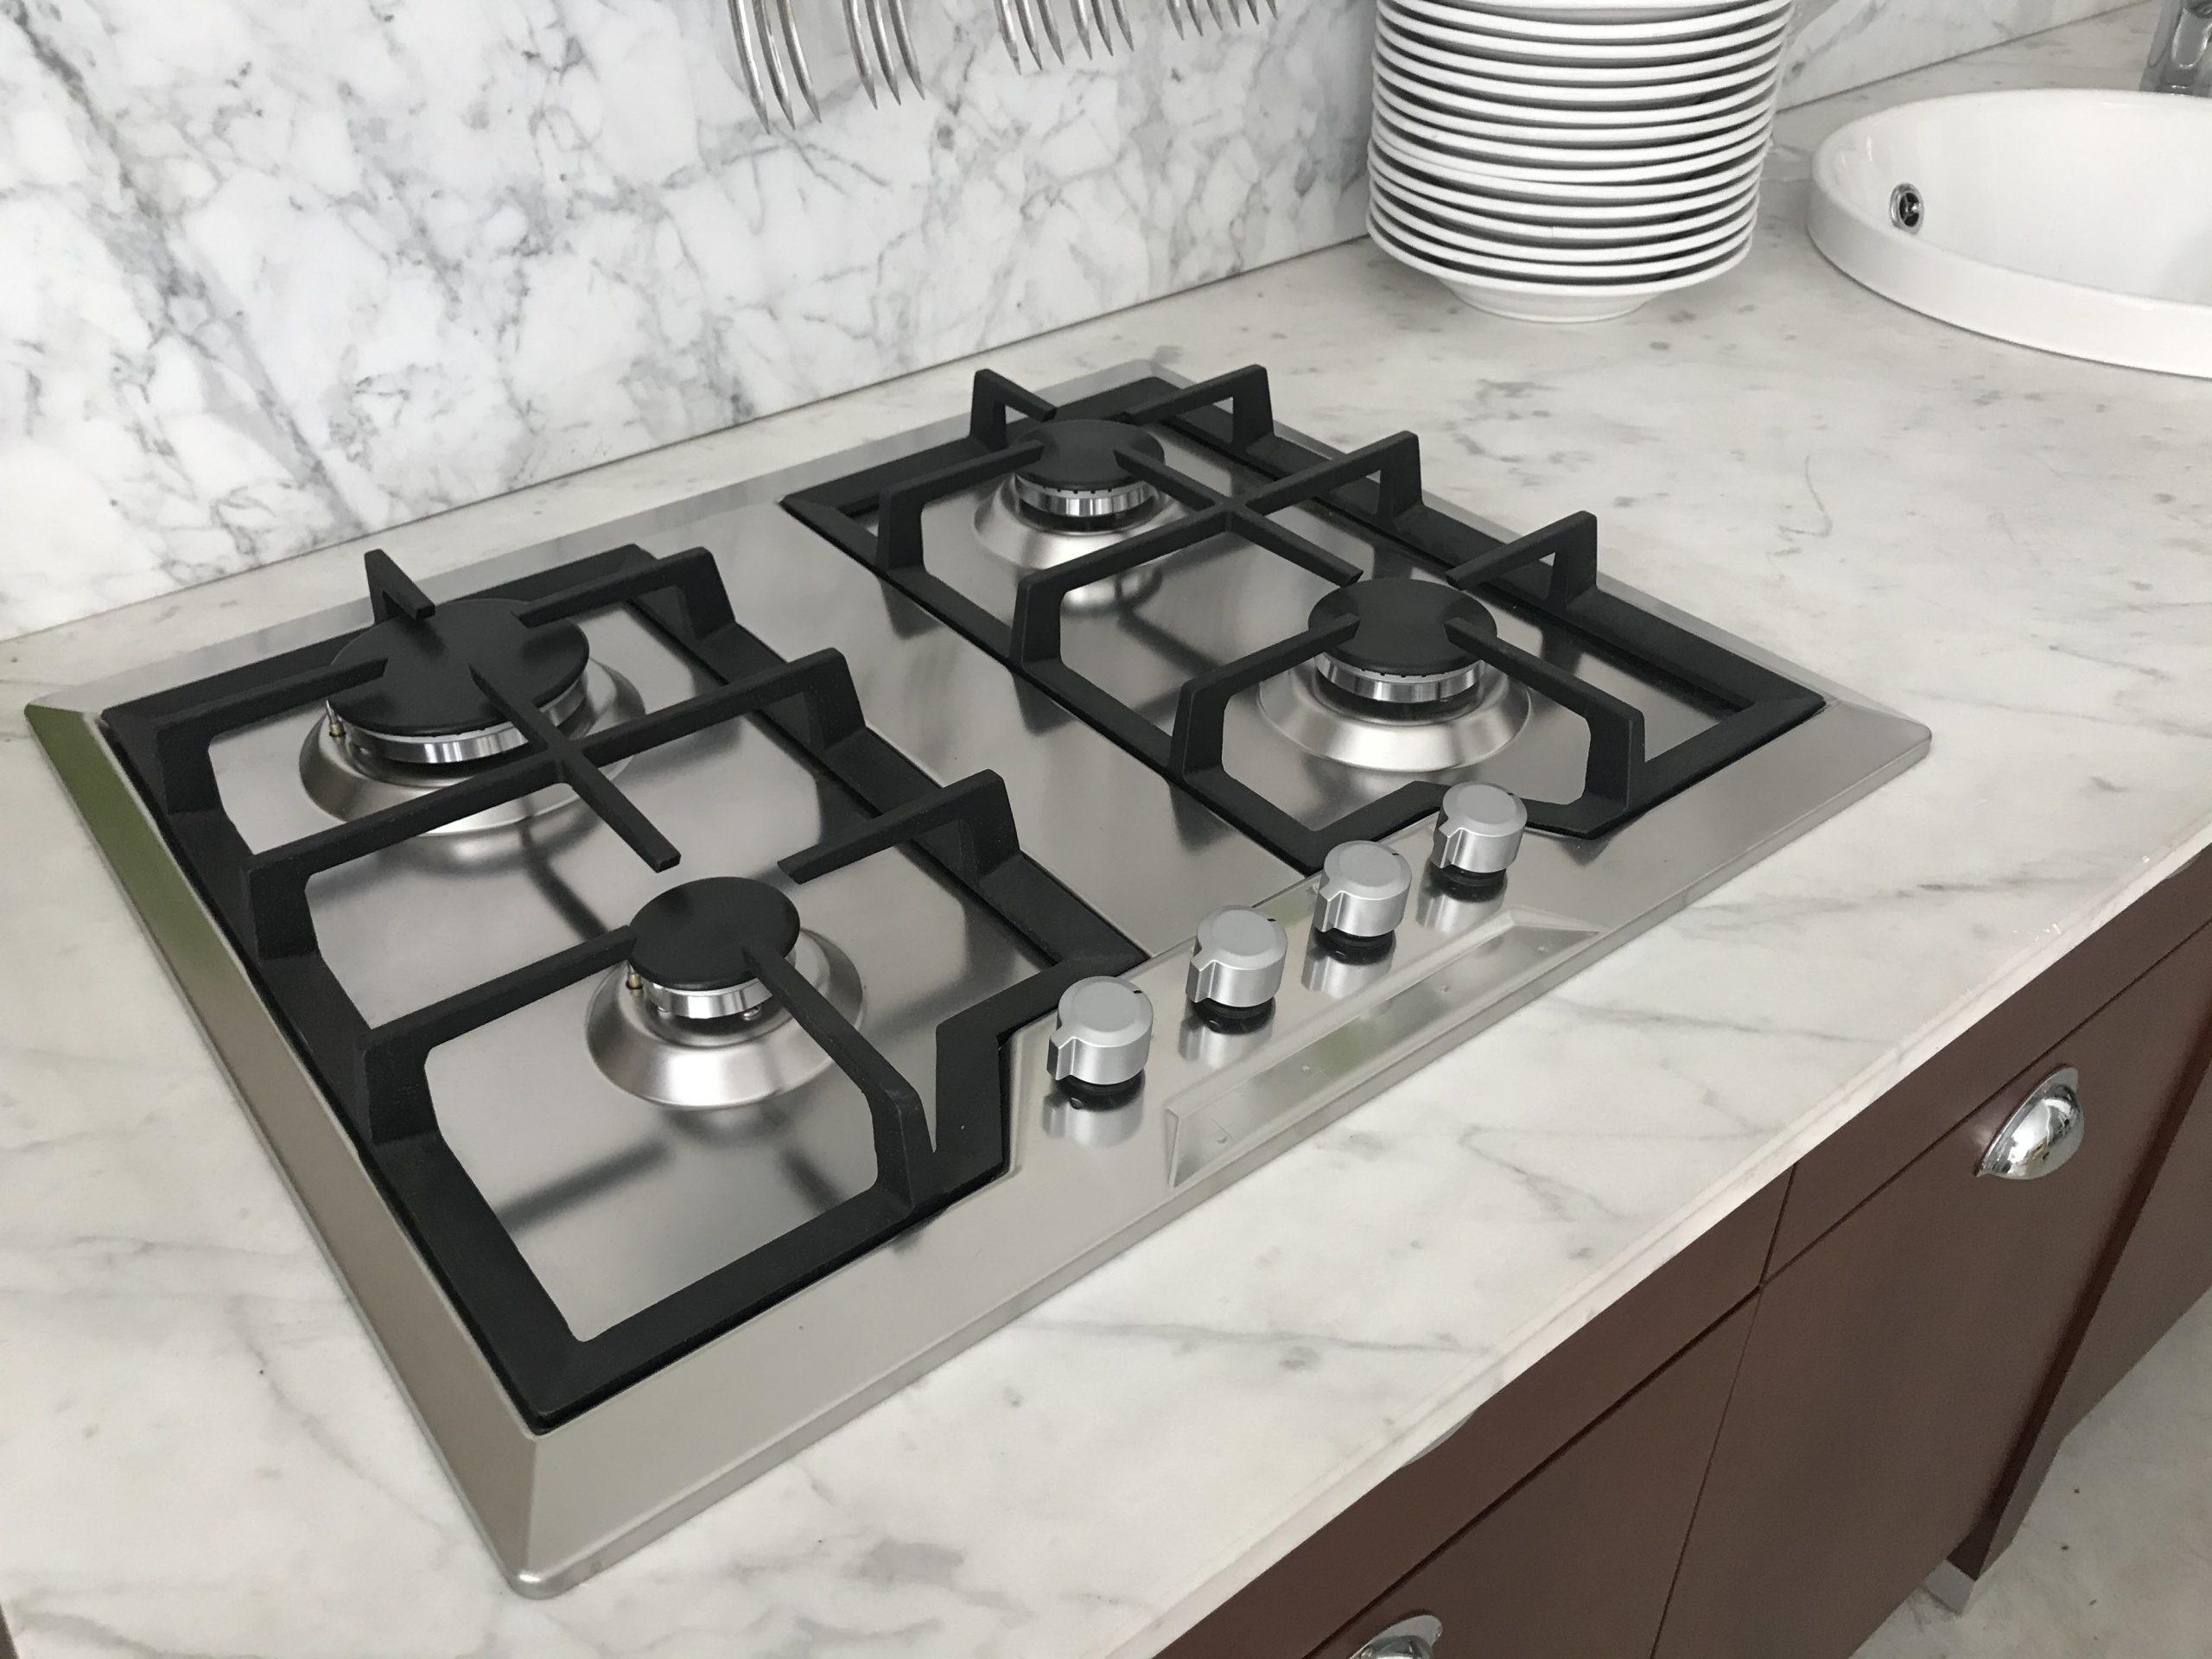 炊具厨房Philippe Starck Driade设计意大利制造